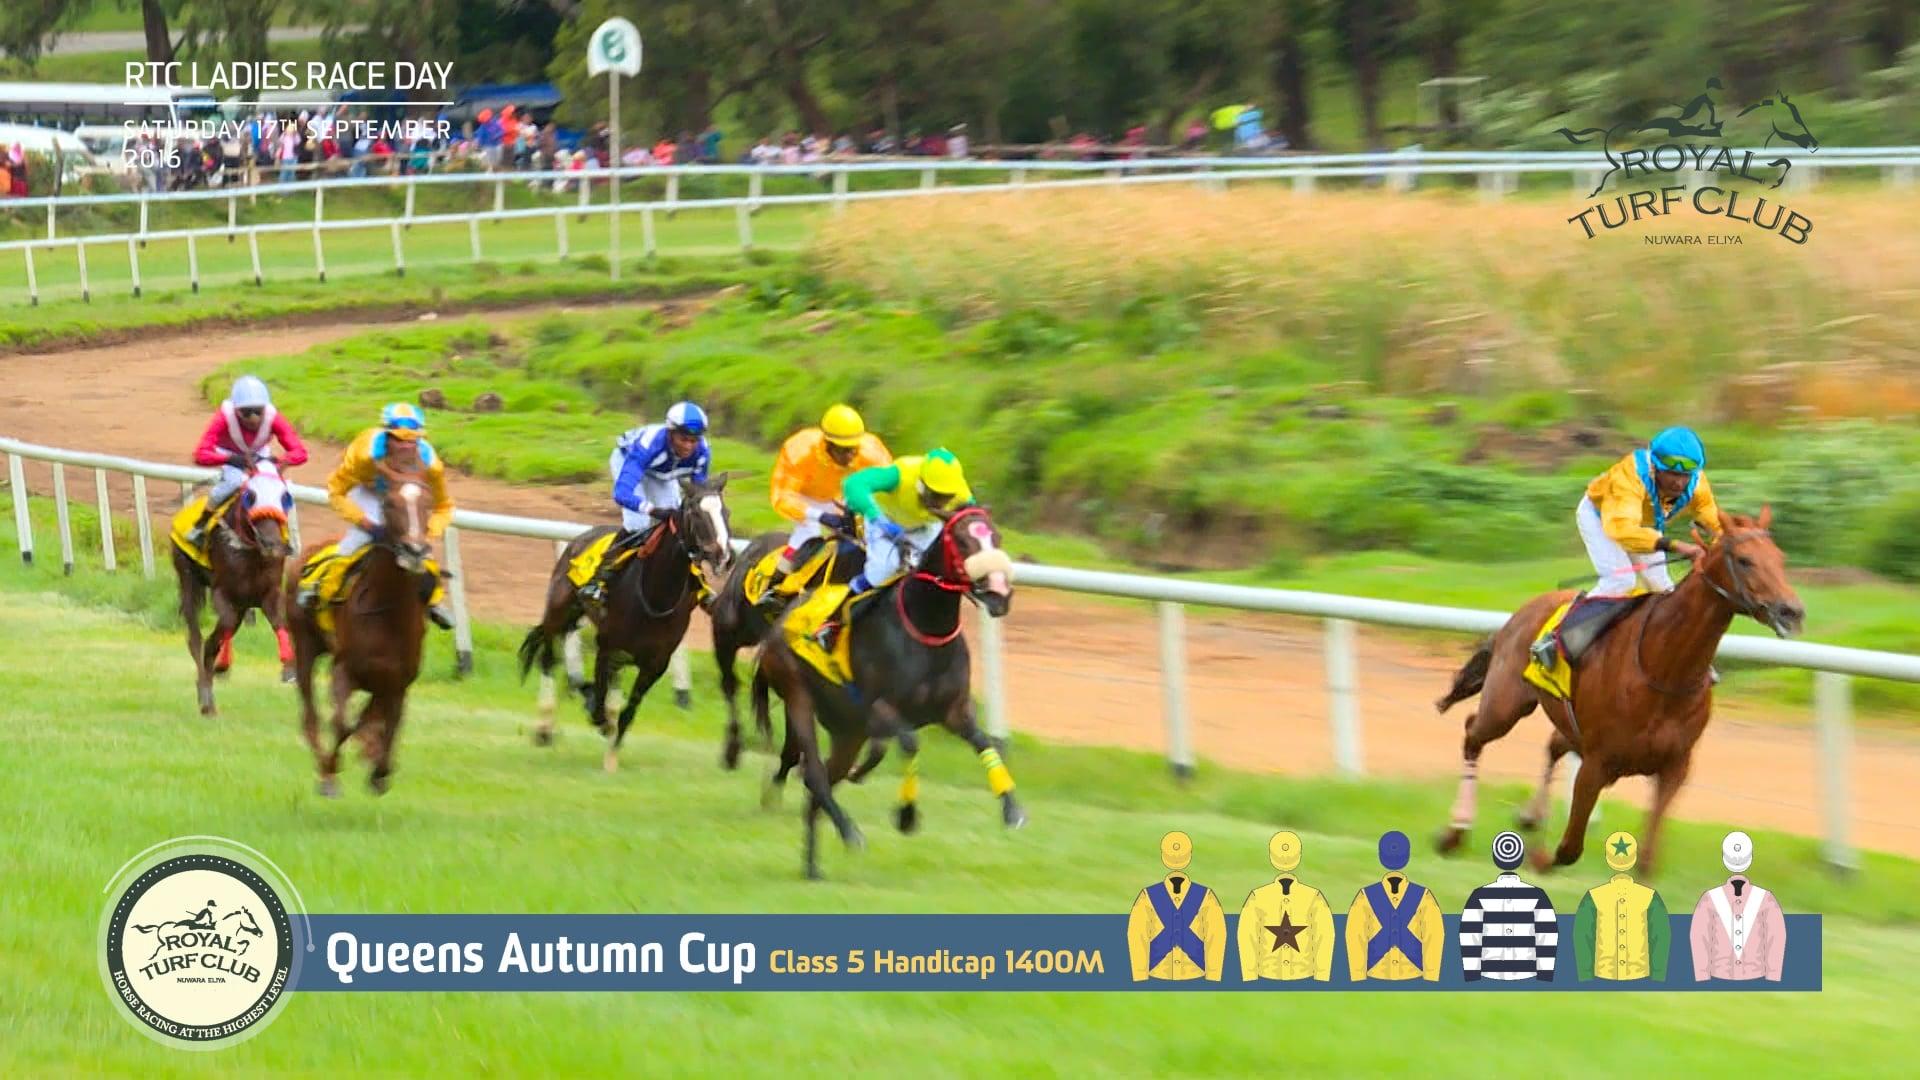 Queens Autumn Cup 2016